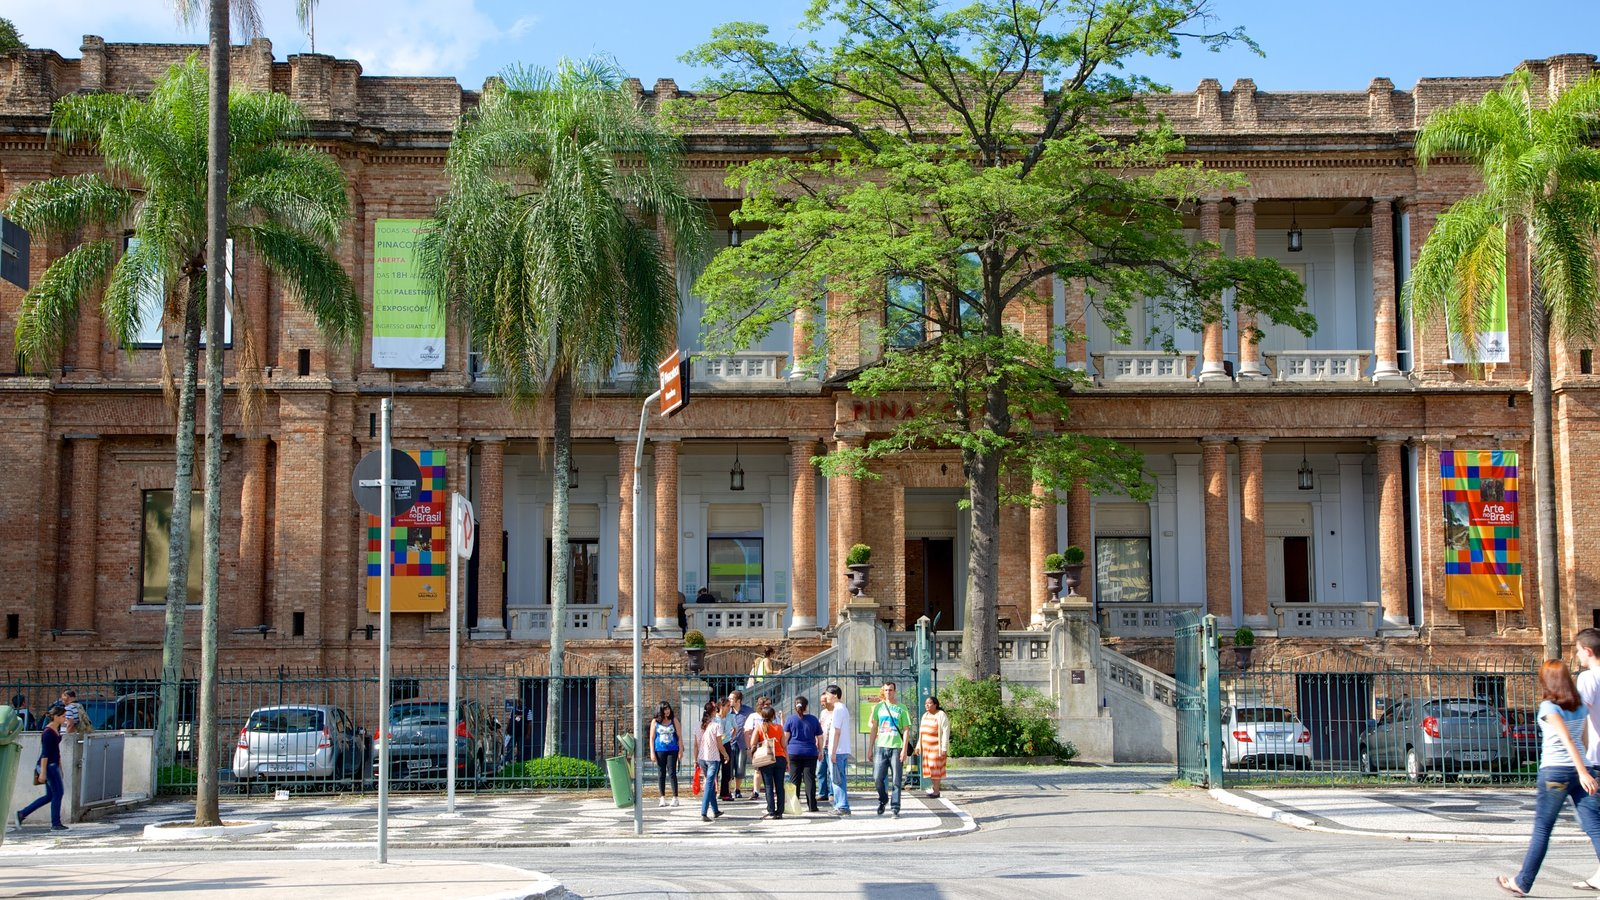 Pinacoteca do Estado caracterizando arquitetura de patrimônio, uma cidade e cenas de rua